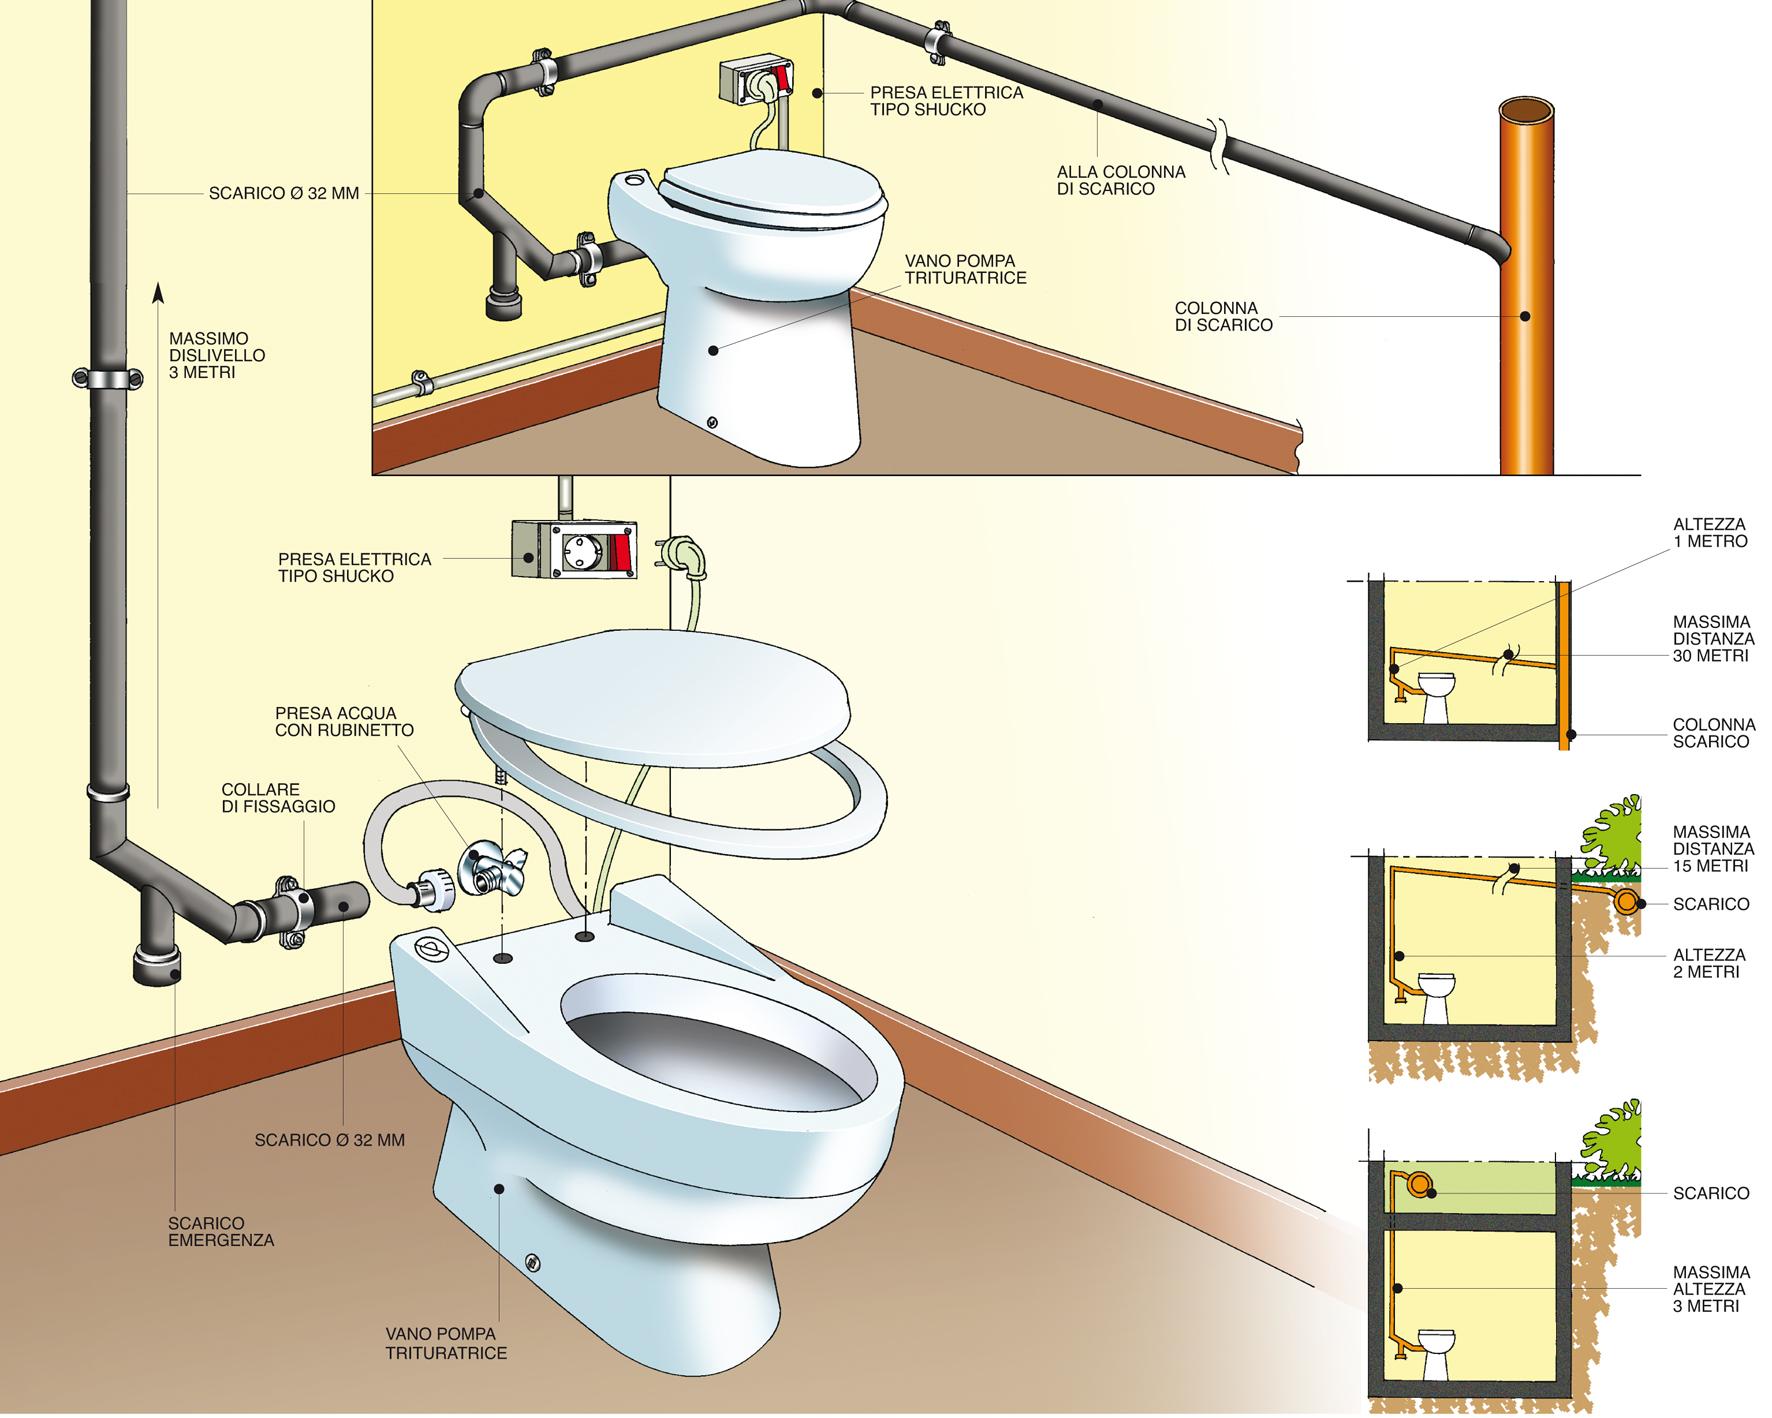 Come installare un trituratore wc bricoportale fai da te e bricolage - Schema impianto scarico bagno ...